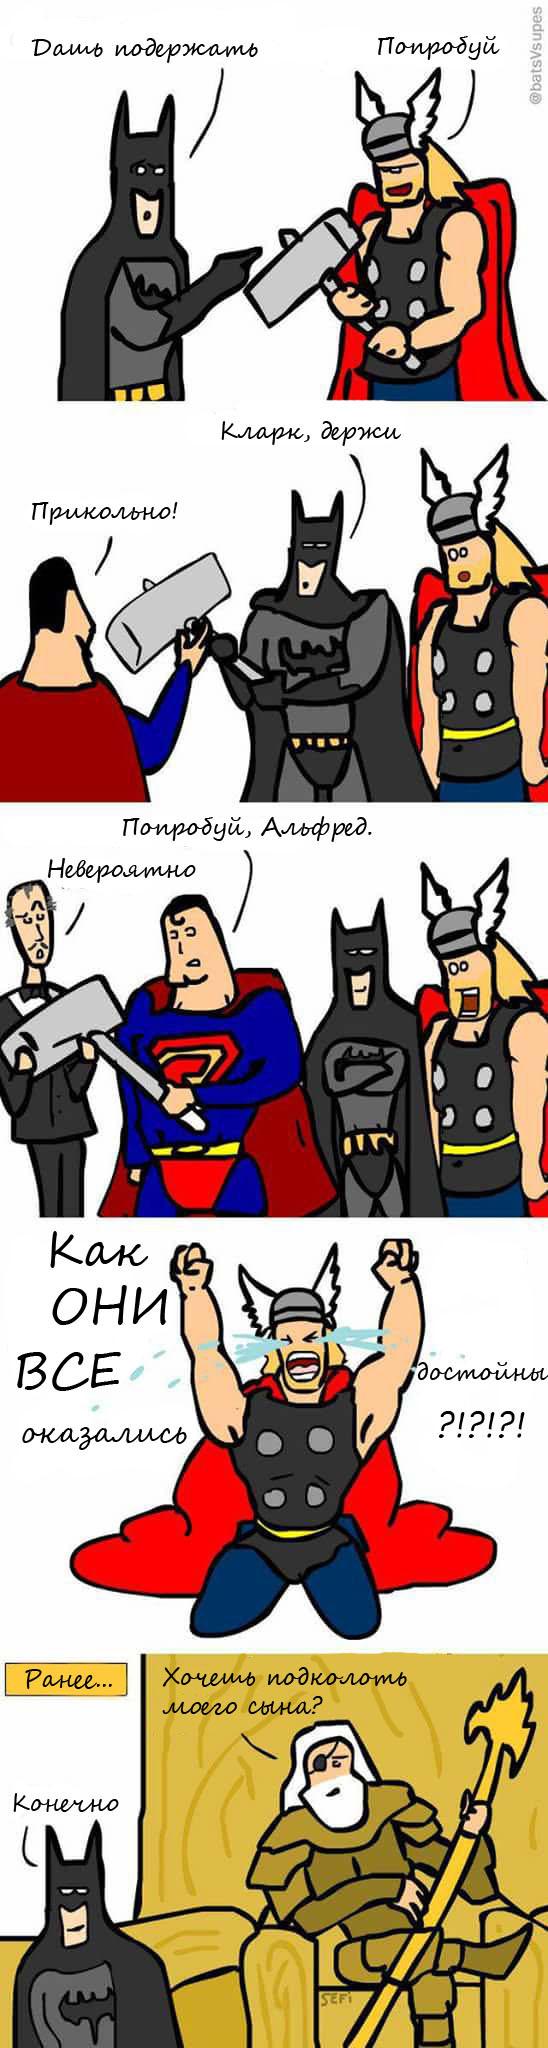 В чем сила? Бэтмен, Тор, Супермен, Альфред, Один, Marvel, Dc comics, Длиннопост